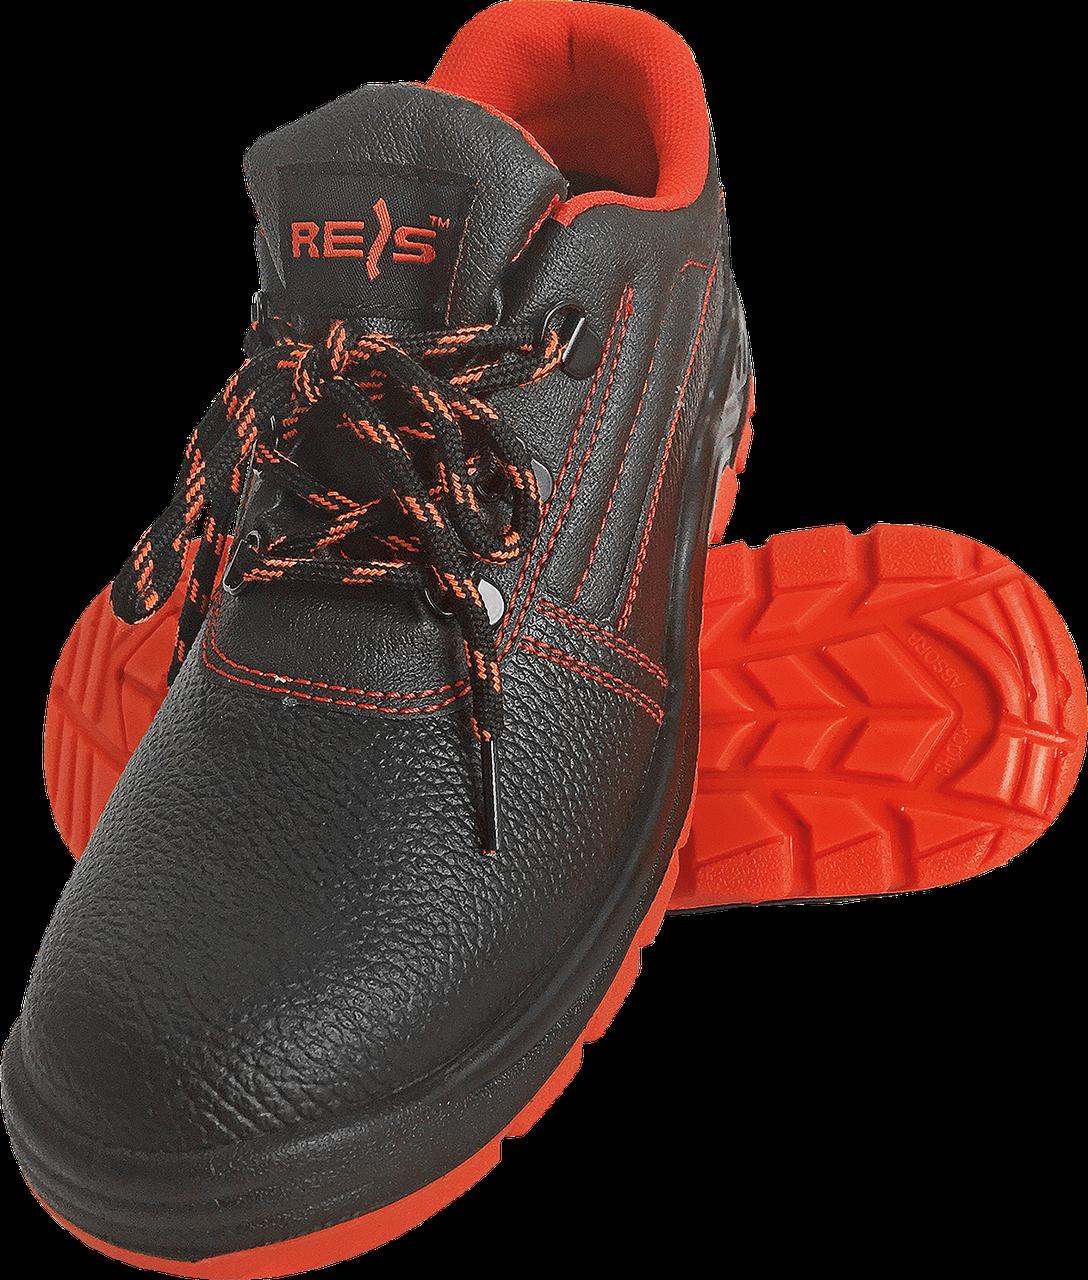 Полуботинки REIS BRYESK-P c металлическим носком 40 черные с красной подошвой(BRYESK-P)